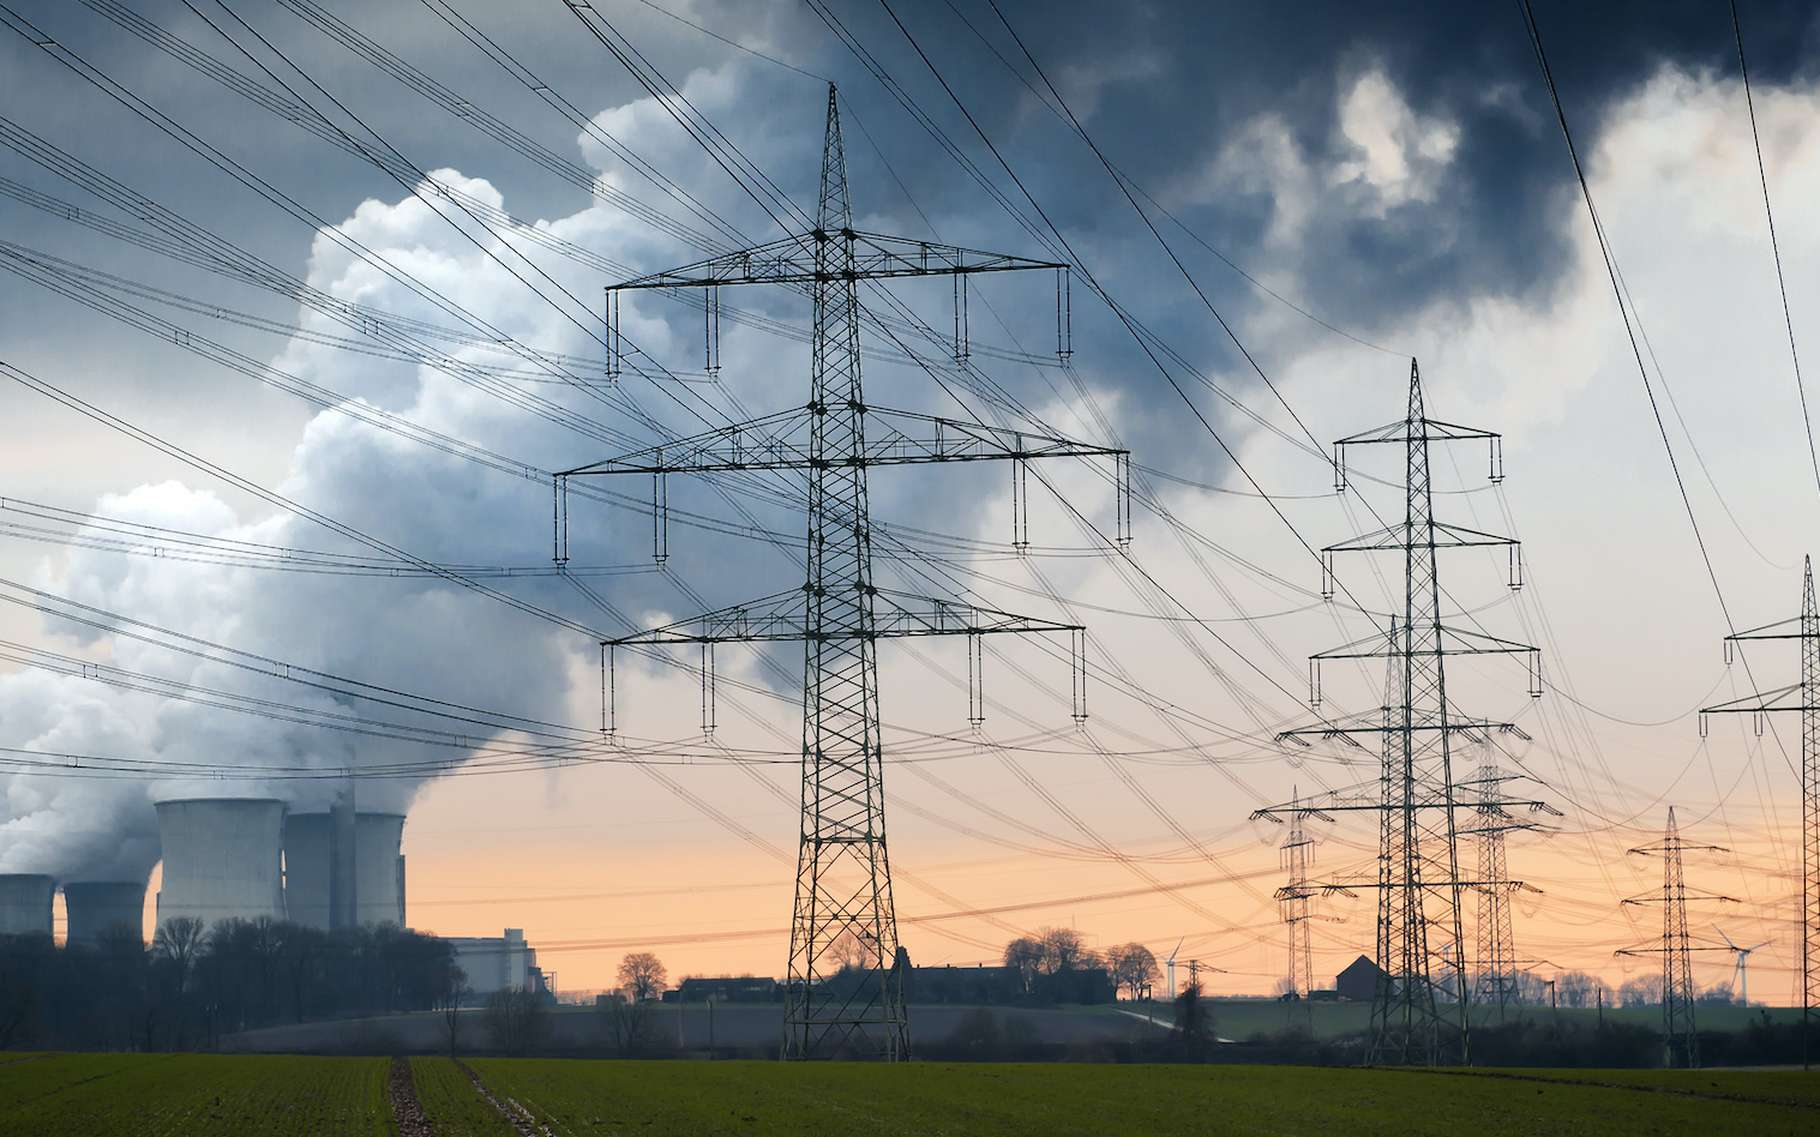 Pendant le confinement imposé par la crise du coronavirus, la demande européenne en électricité a baissé et avec elle, plus encore, les émissions de de CO2 du secteur. © Tom Bayer, Adobe Stock